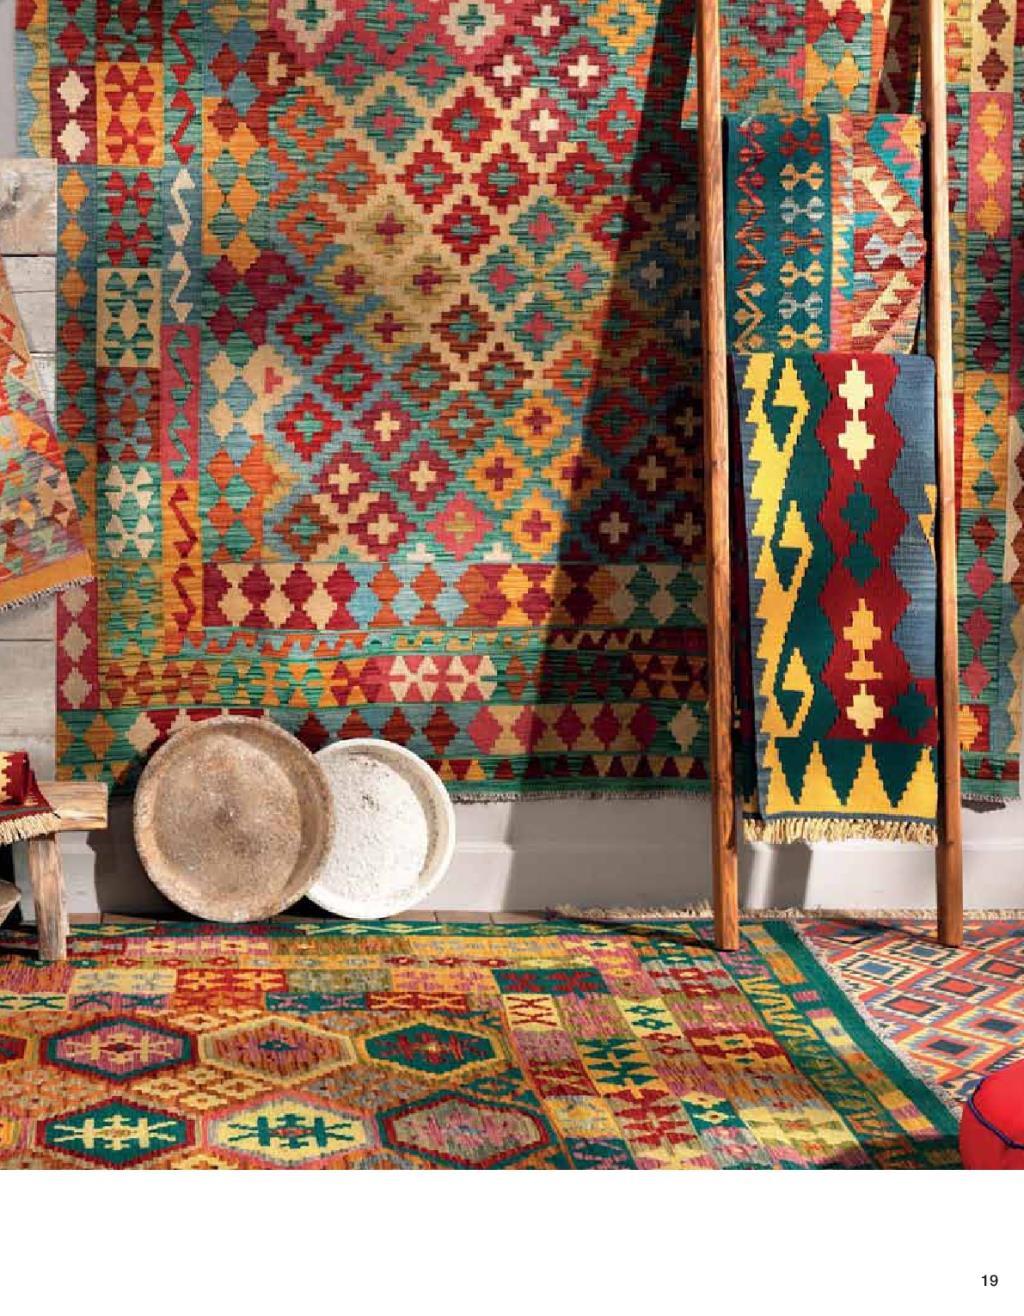 alfombra el corte ingles19